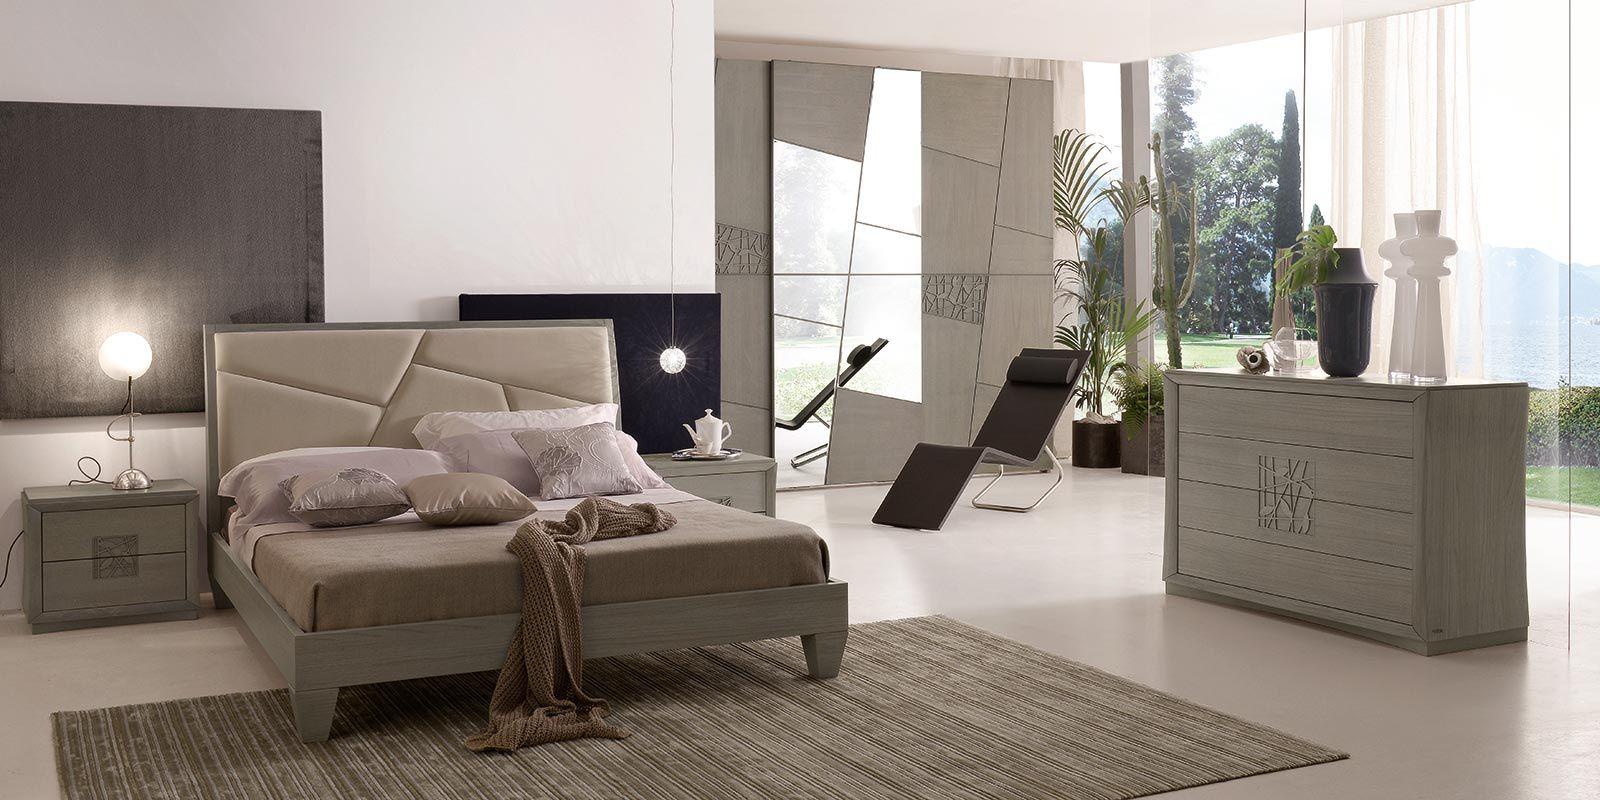 Abita facile offre una vasta scelta di mobili in differenti stili e materiali. Modo 10 Collezione Decor Bedroom Furniture Design Wardrobe Design Bedroom Wardrobe Door Designs